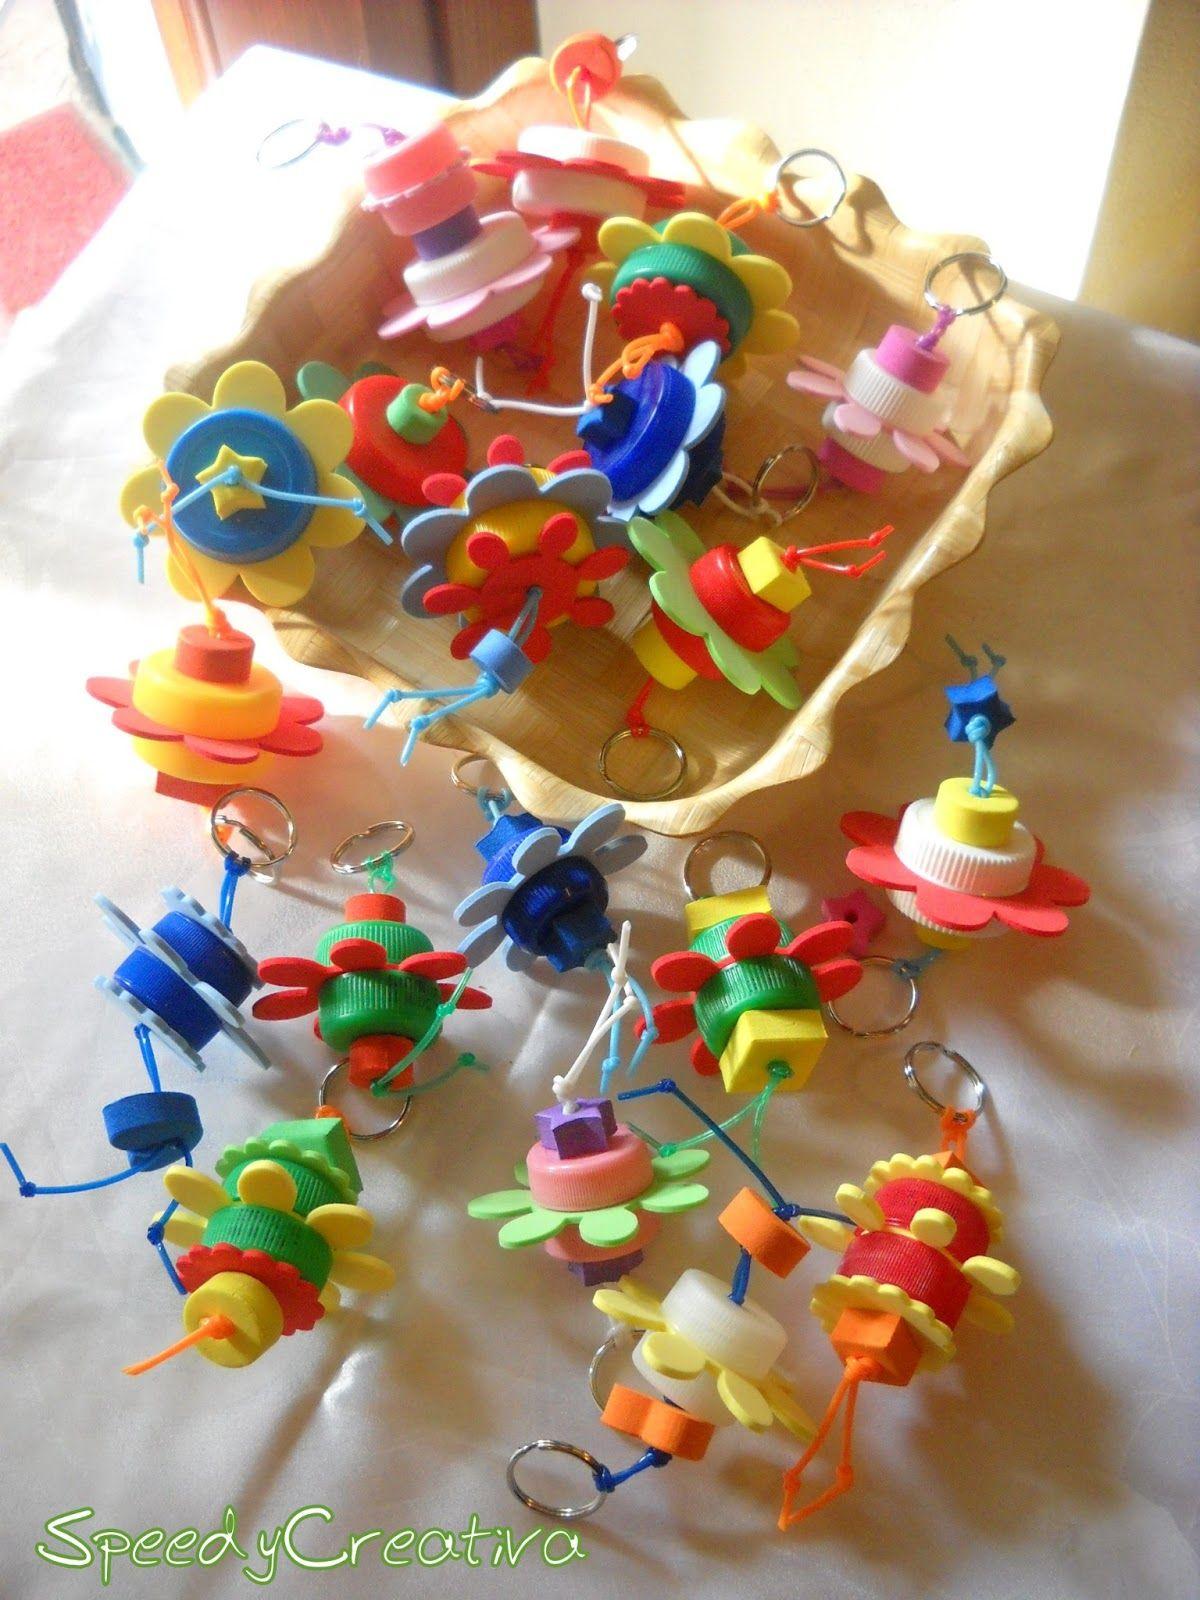 Lavoretti con tappi plastica 101 idee di riciclo creativo riciclo tappi plastica pinterest - Casa plastica per bambini ...